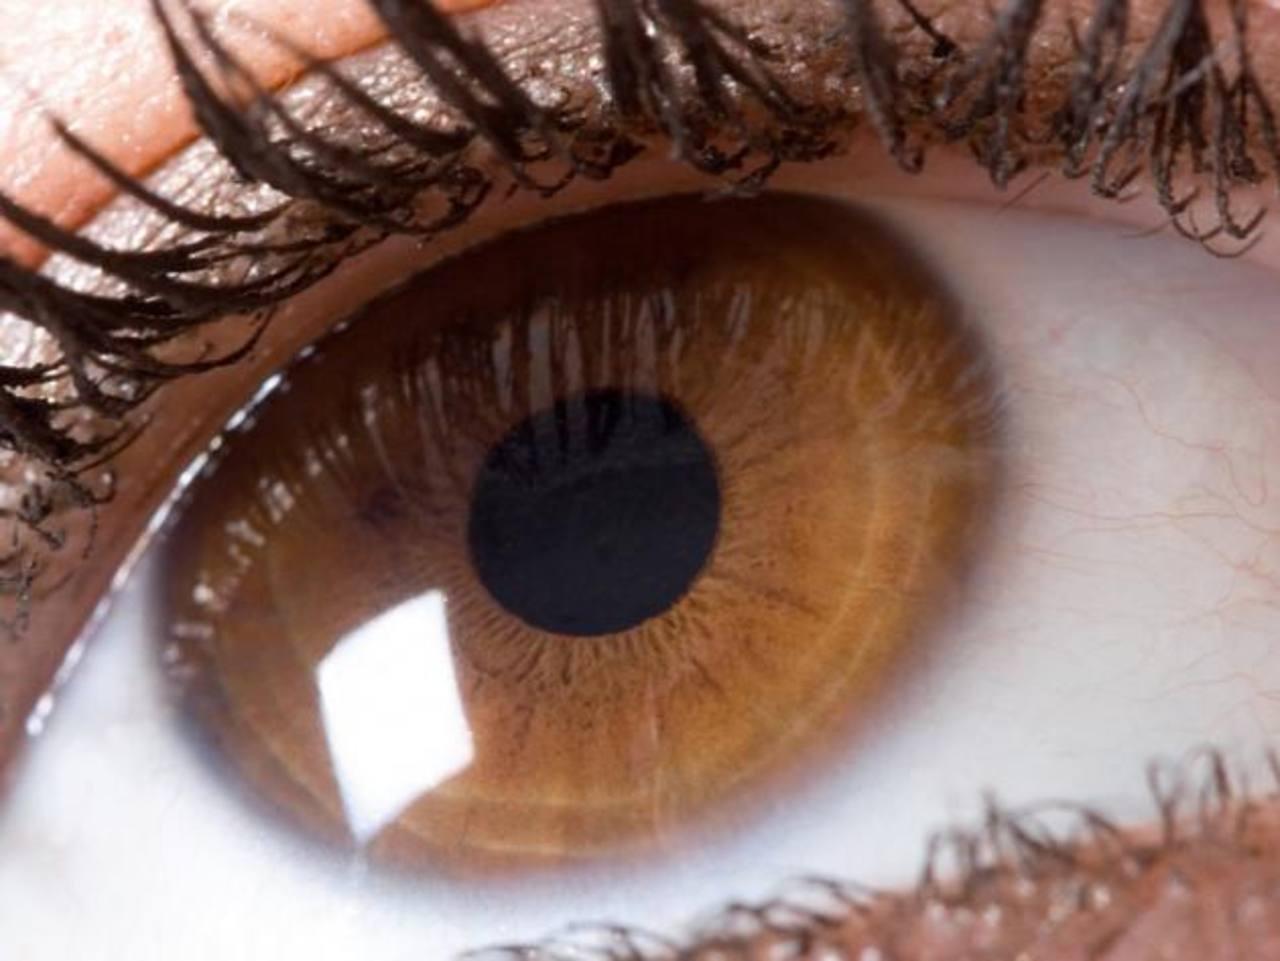 La presión intraocular sube significativamente en ambos ojos durante la diálisis. foto edh